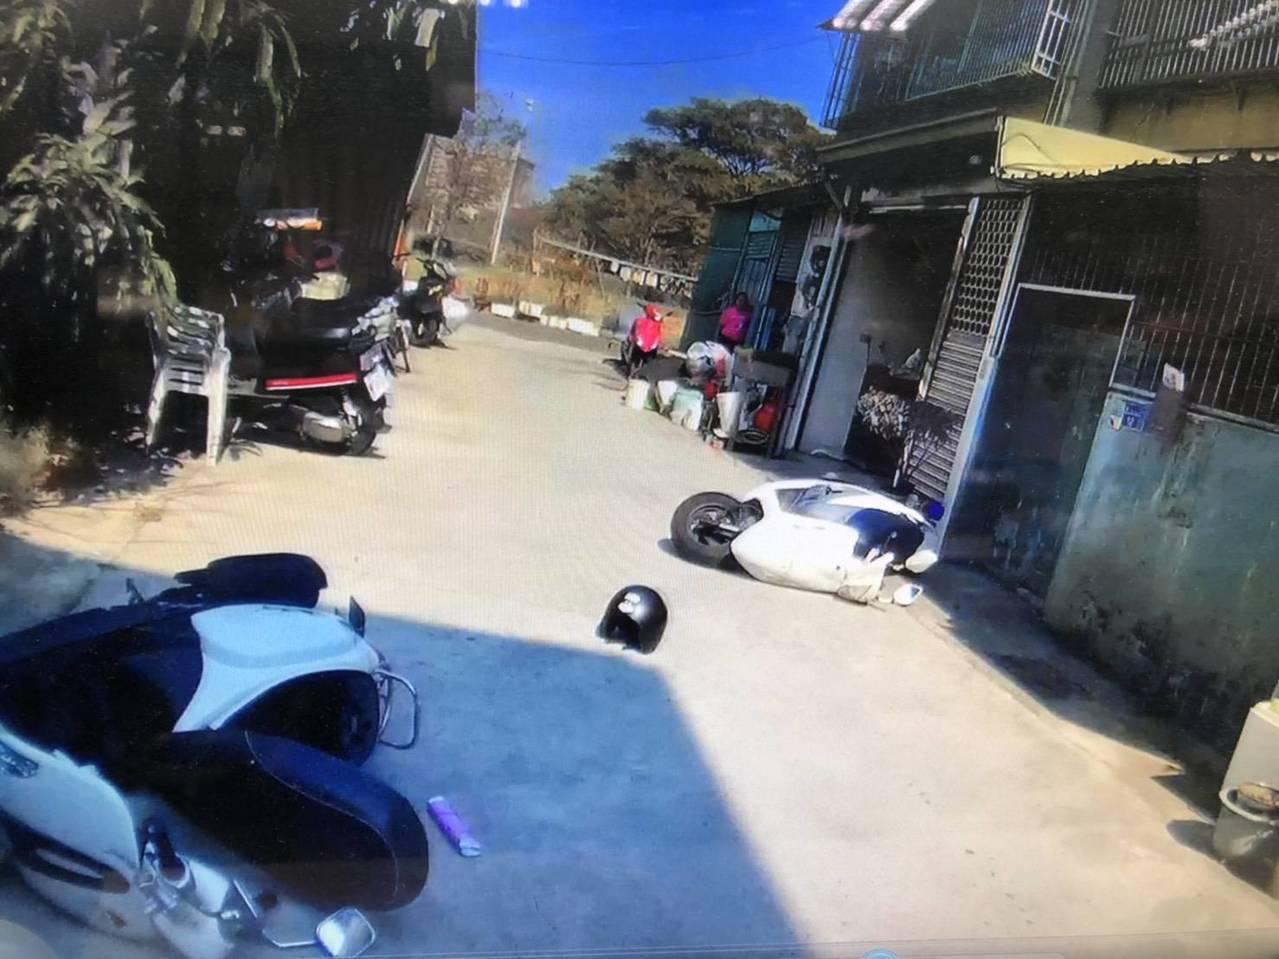 陳姓男子到家門口,推開機車要衝進家門,警方也丟下車子撲上逮捕他,鄰居以為發生車禍...